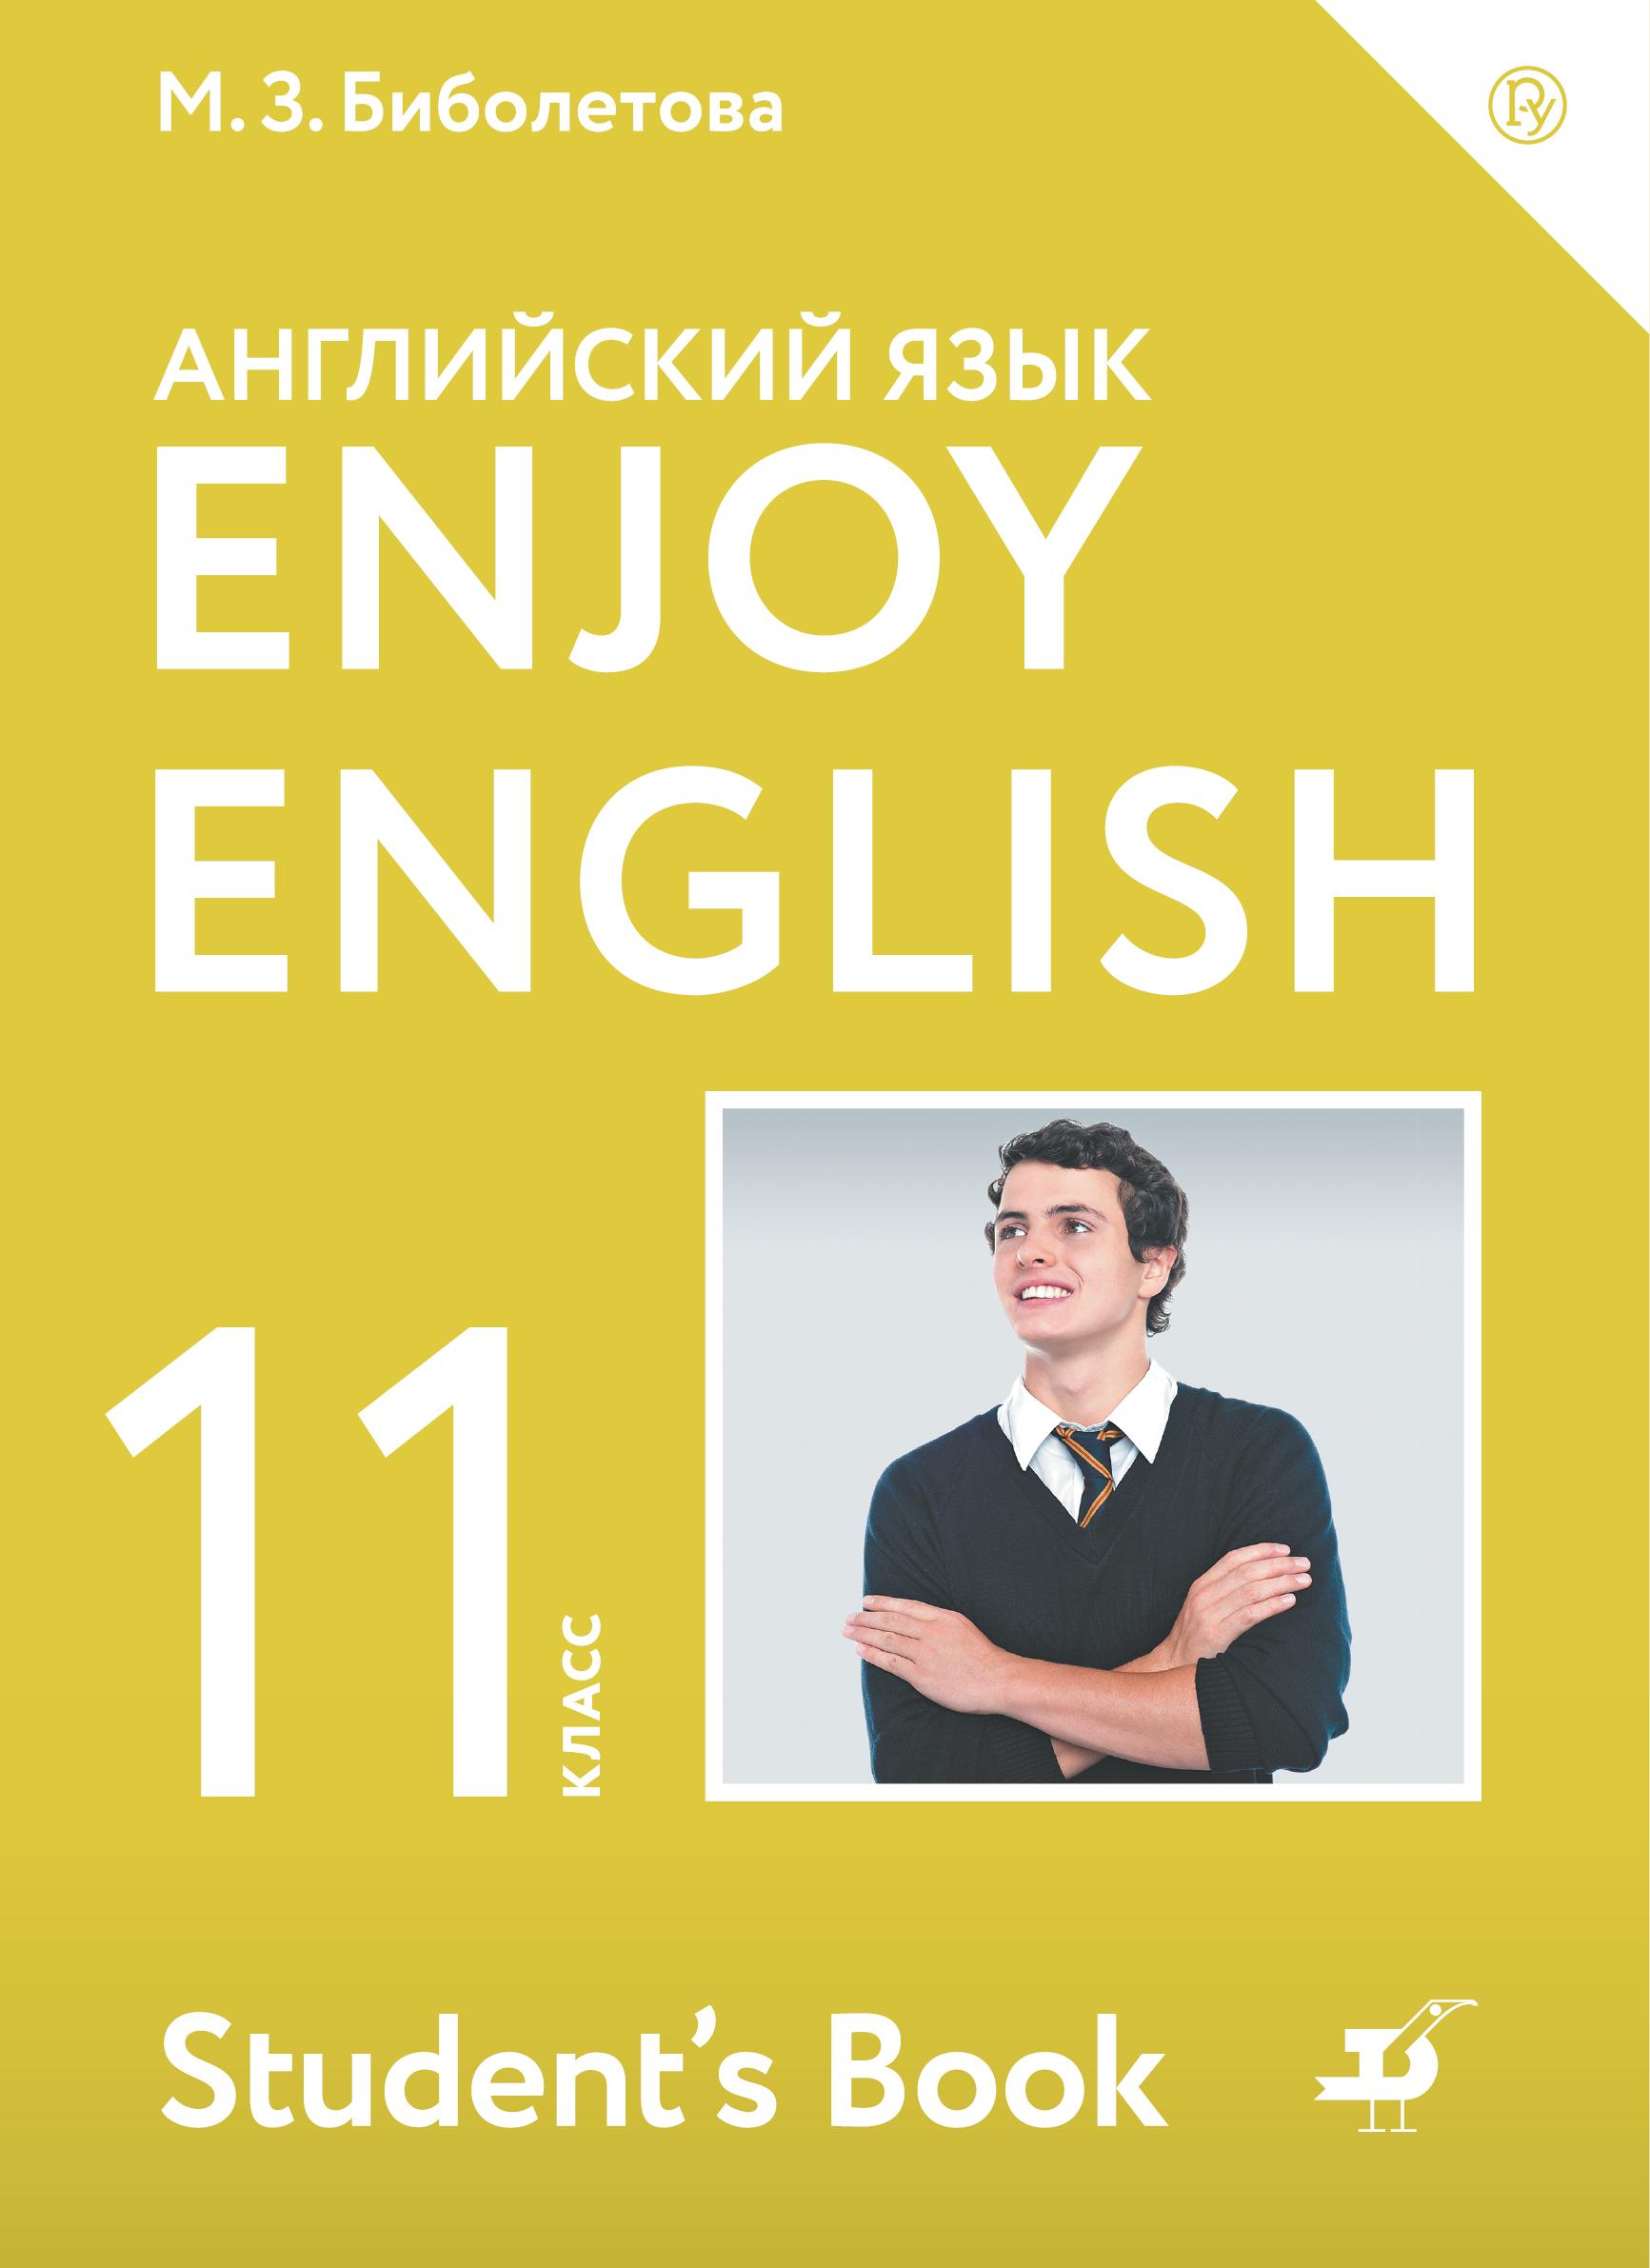 Биболетова М.З., Бабушис Е.Е. Enjoy English/Английский с удовольствием. Базовый уровень. 11 класс. Учебник биболетова м з enjoy english английский с удовольствием 2 класс учебник